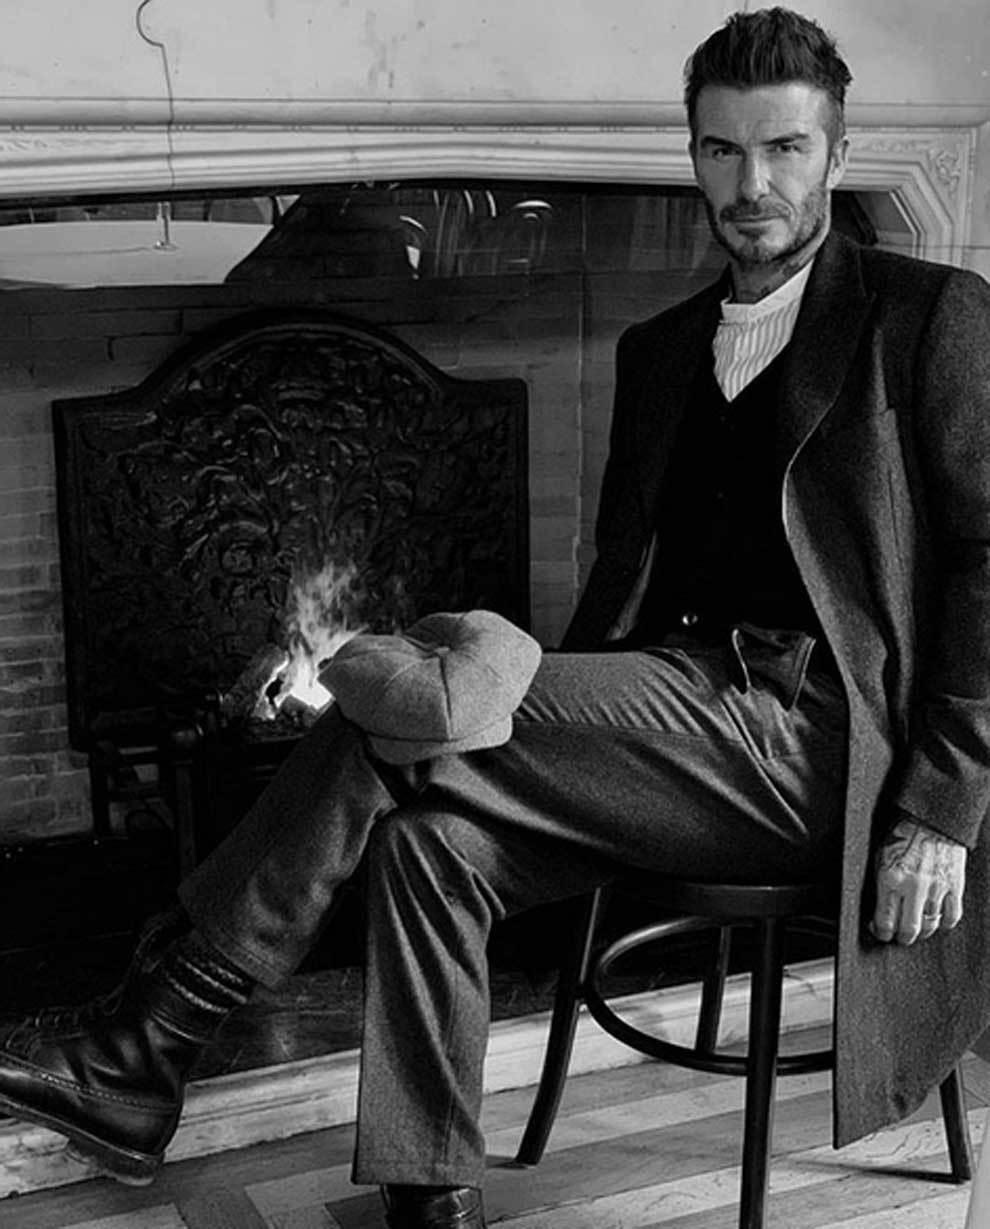 Peaky Blinders, la inspiración tras el look (y una nueva colección) de David Beckham